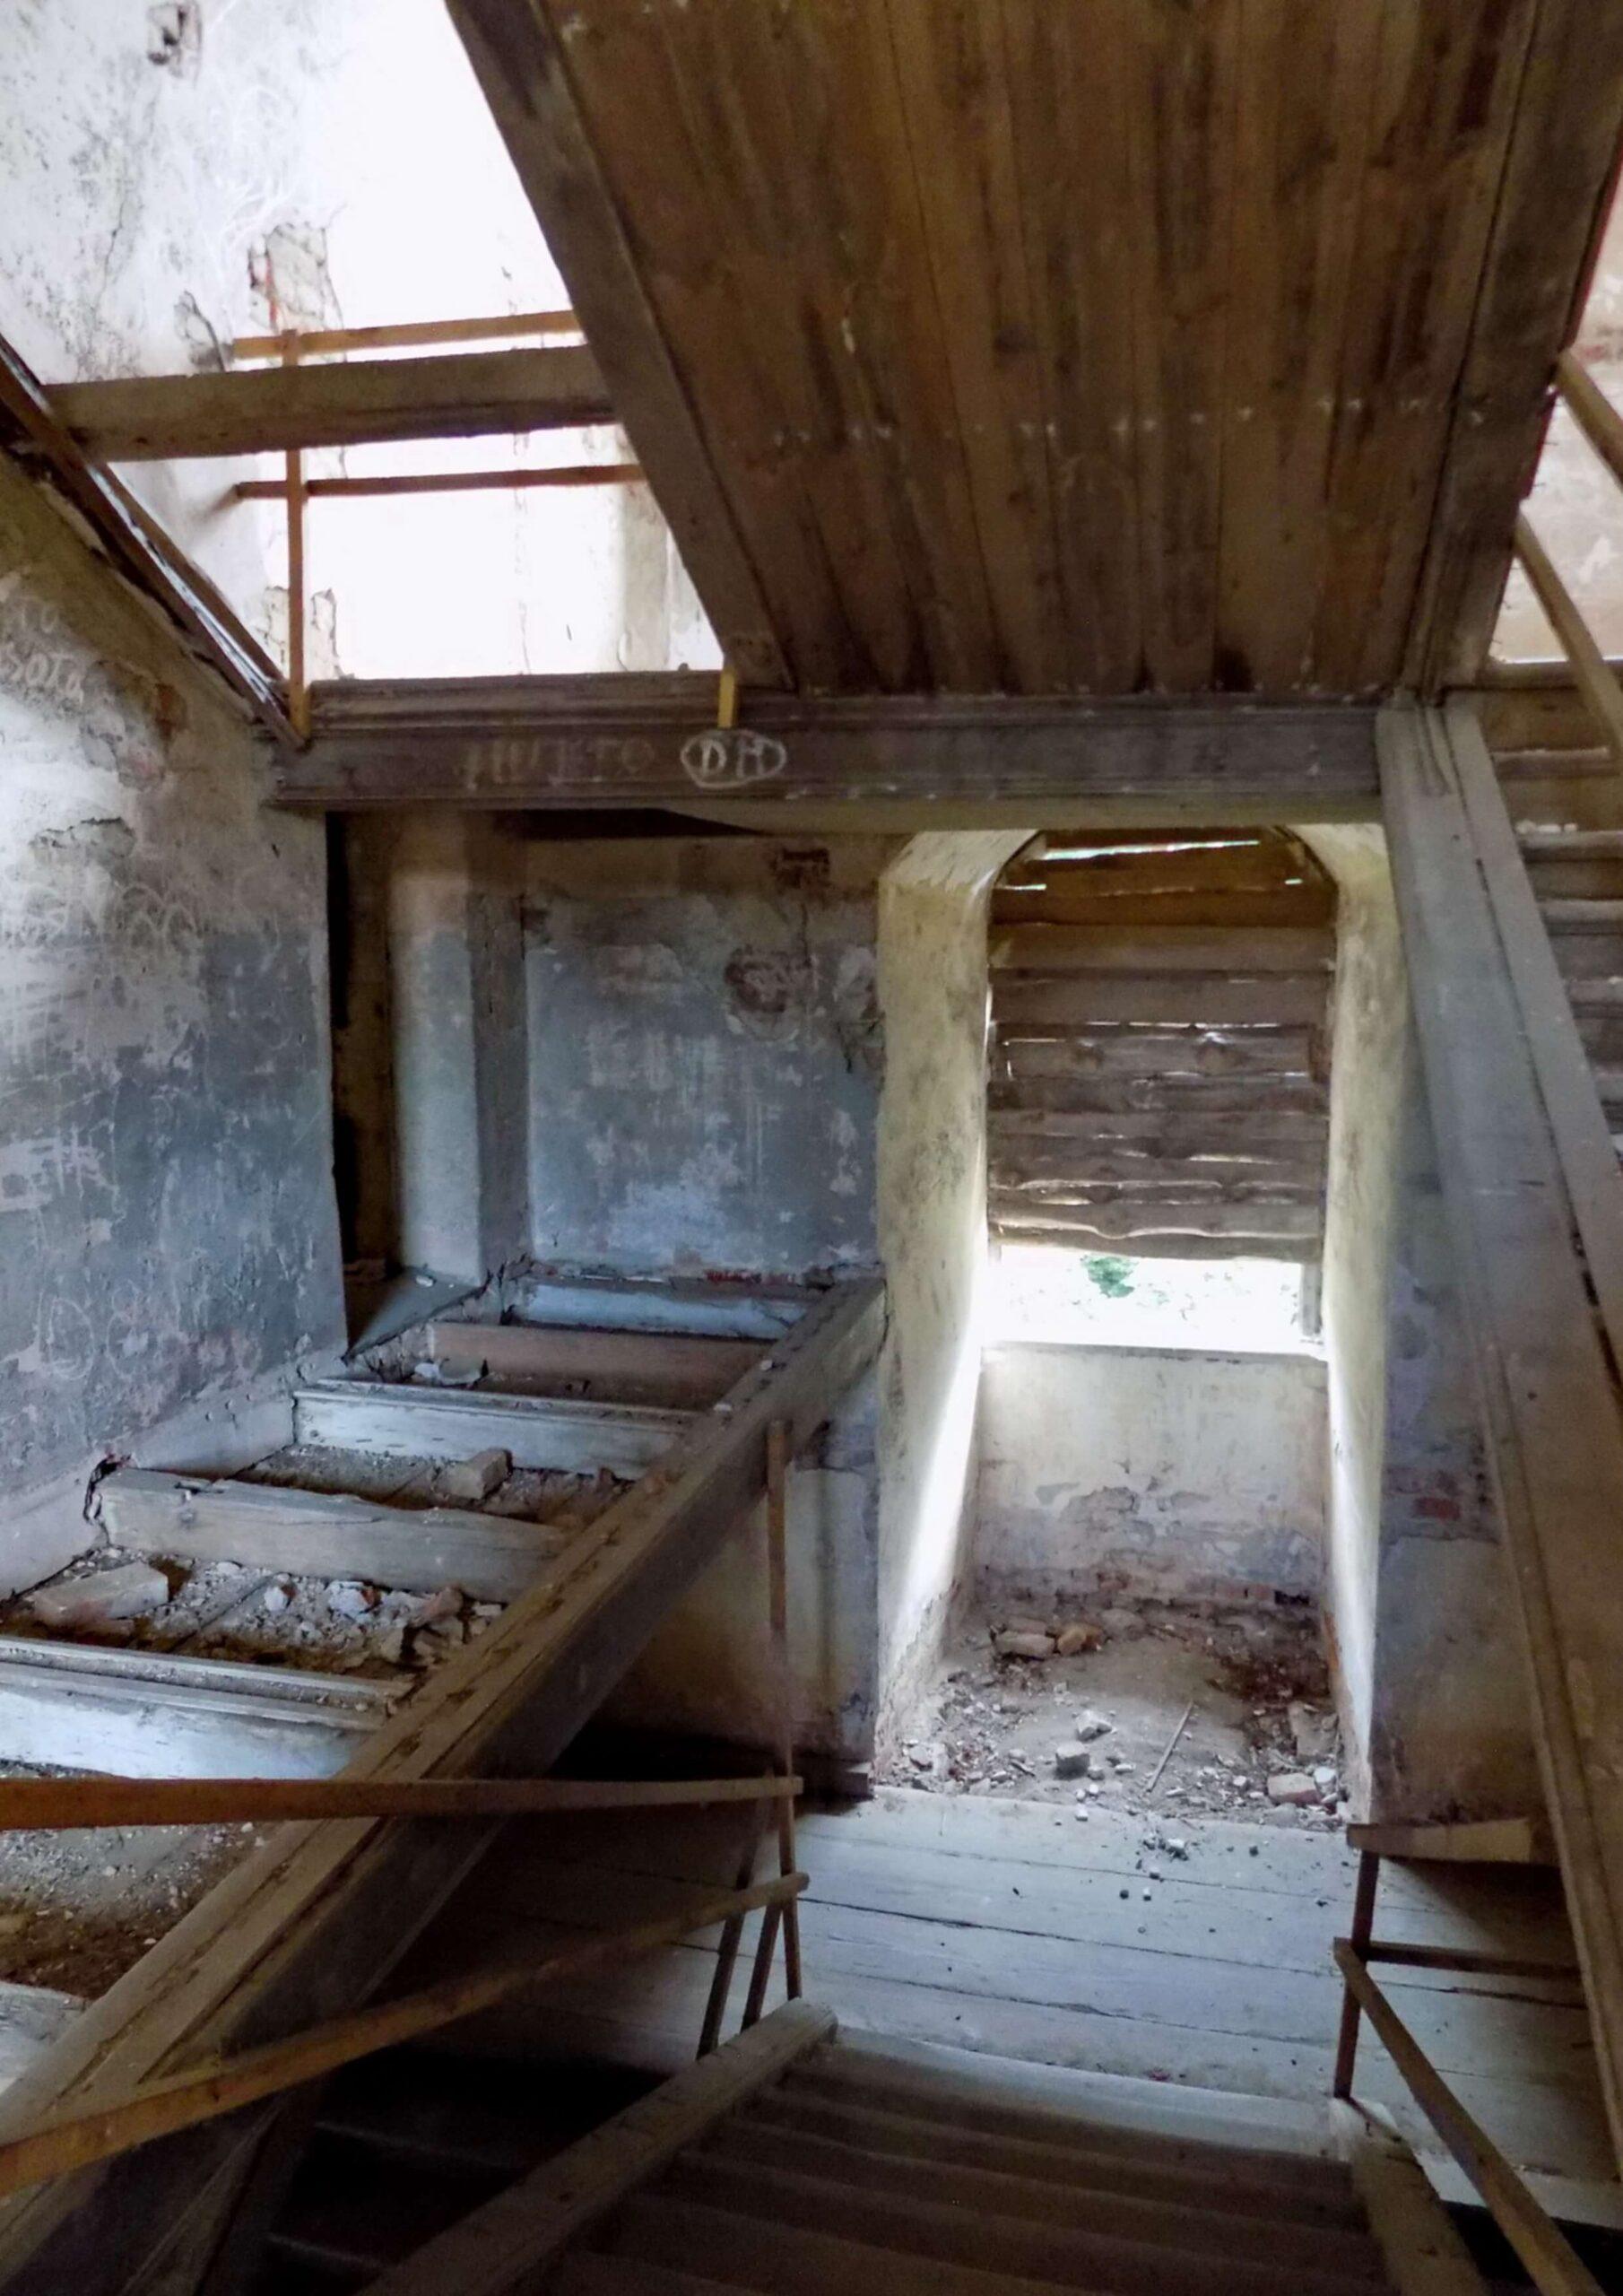 Zamek-w-Swobnicy-klatka-schodowa